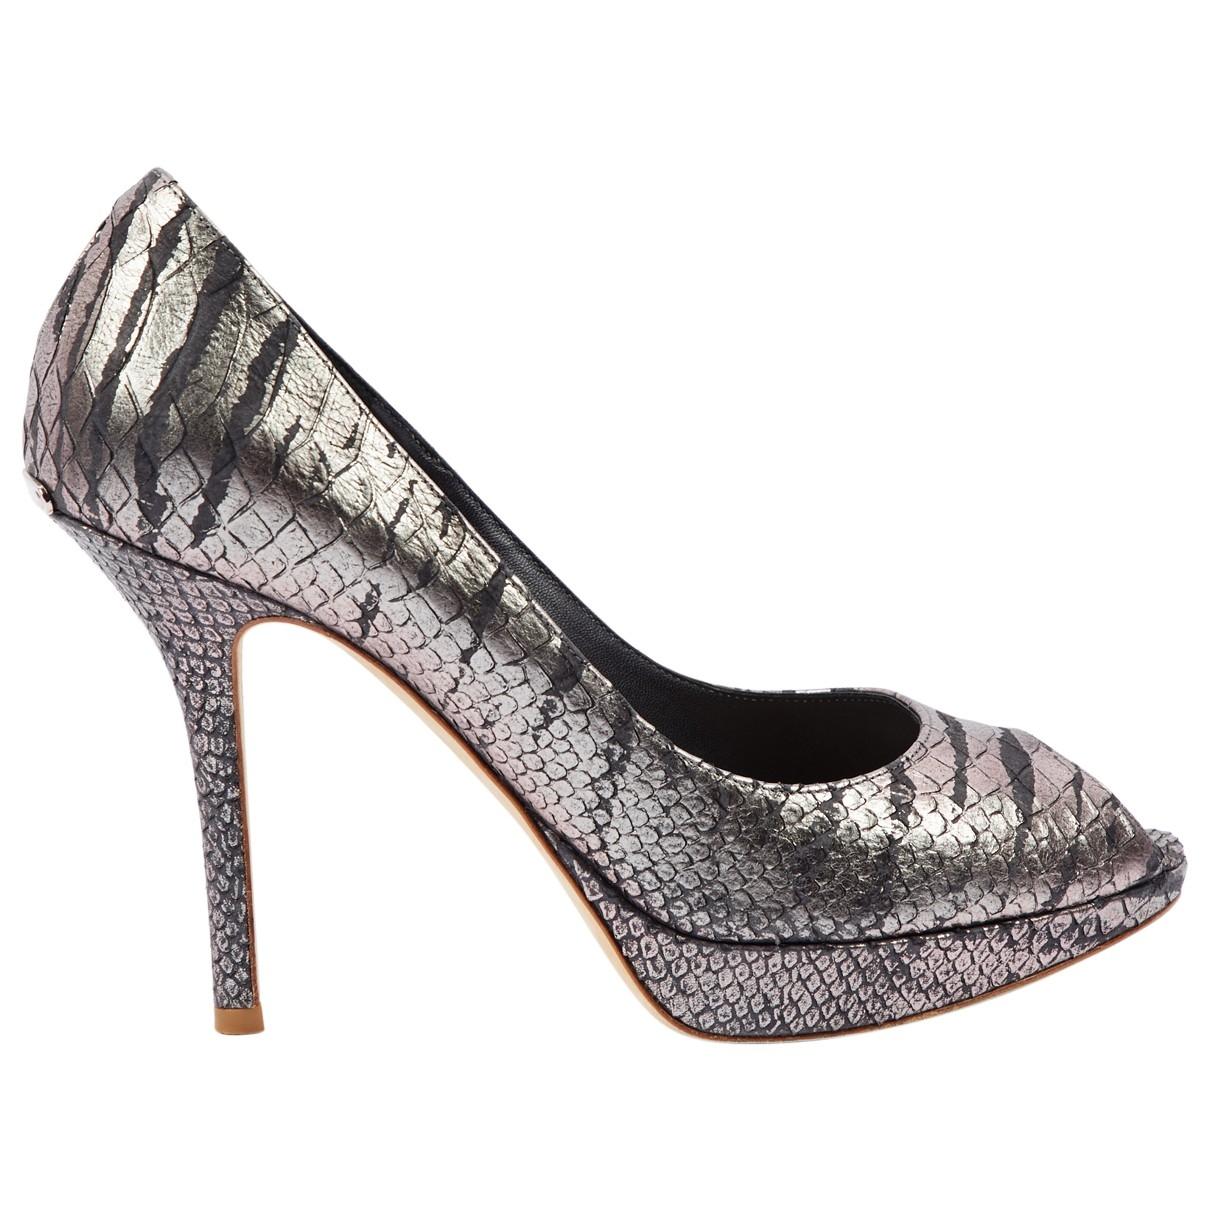 Dior \N Pumps in  Silber Python